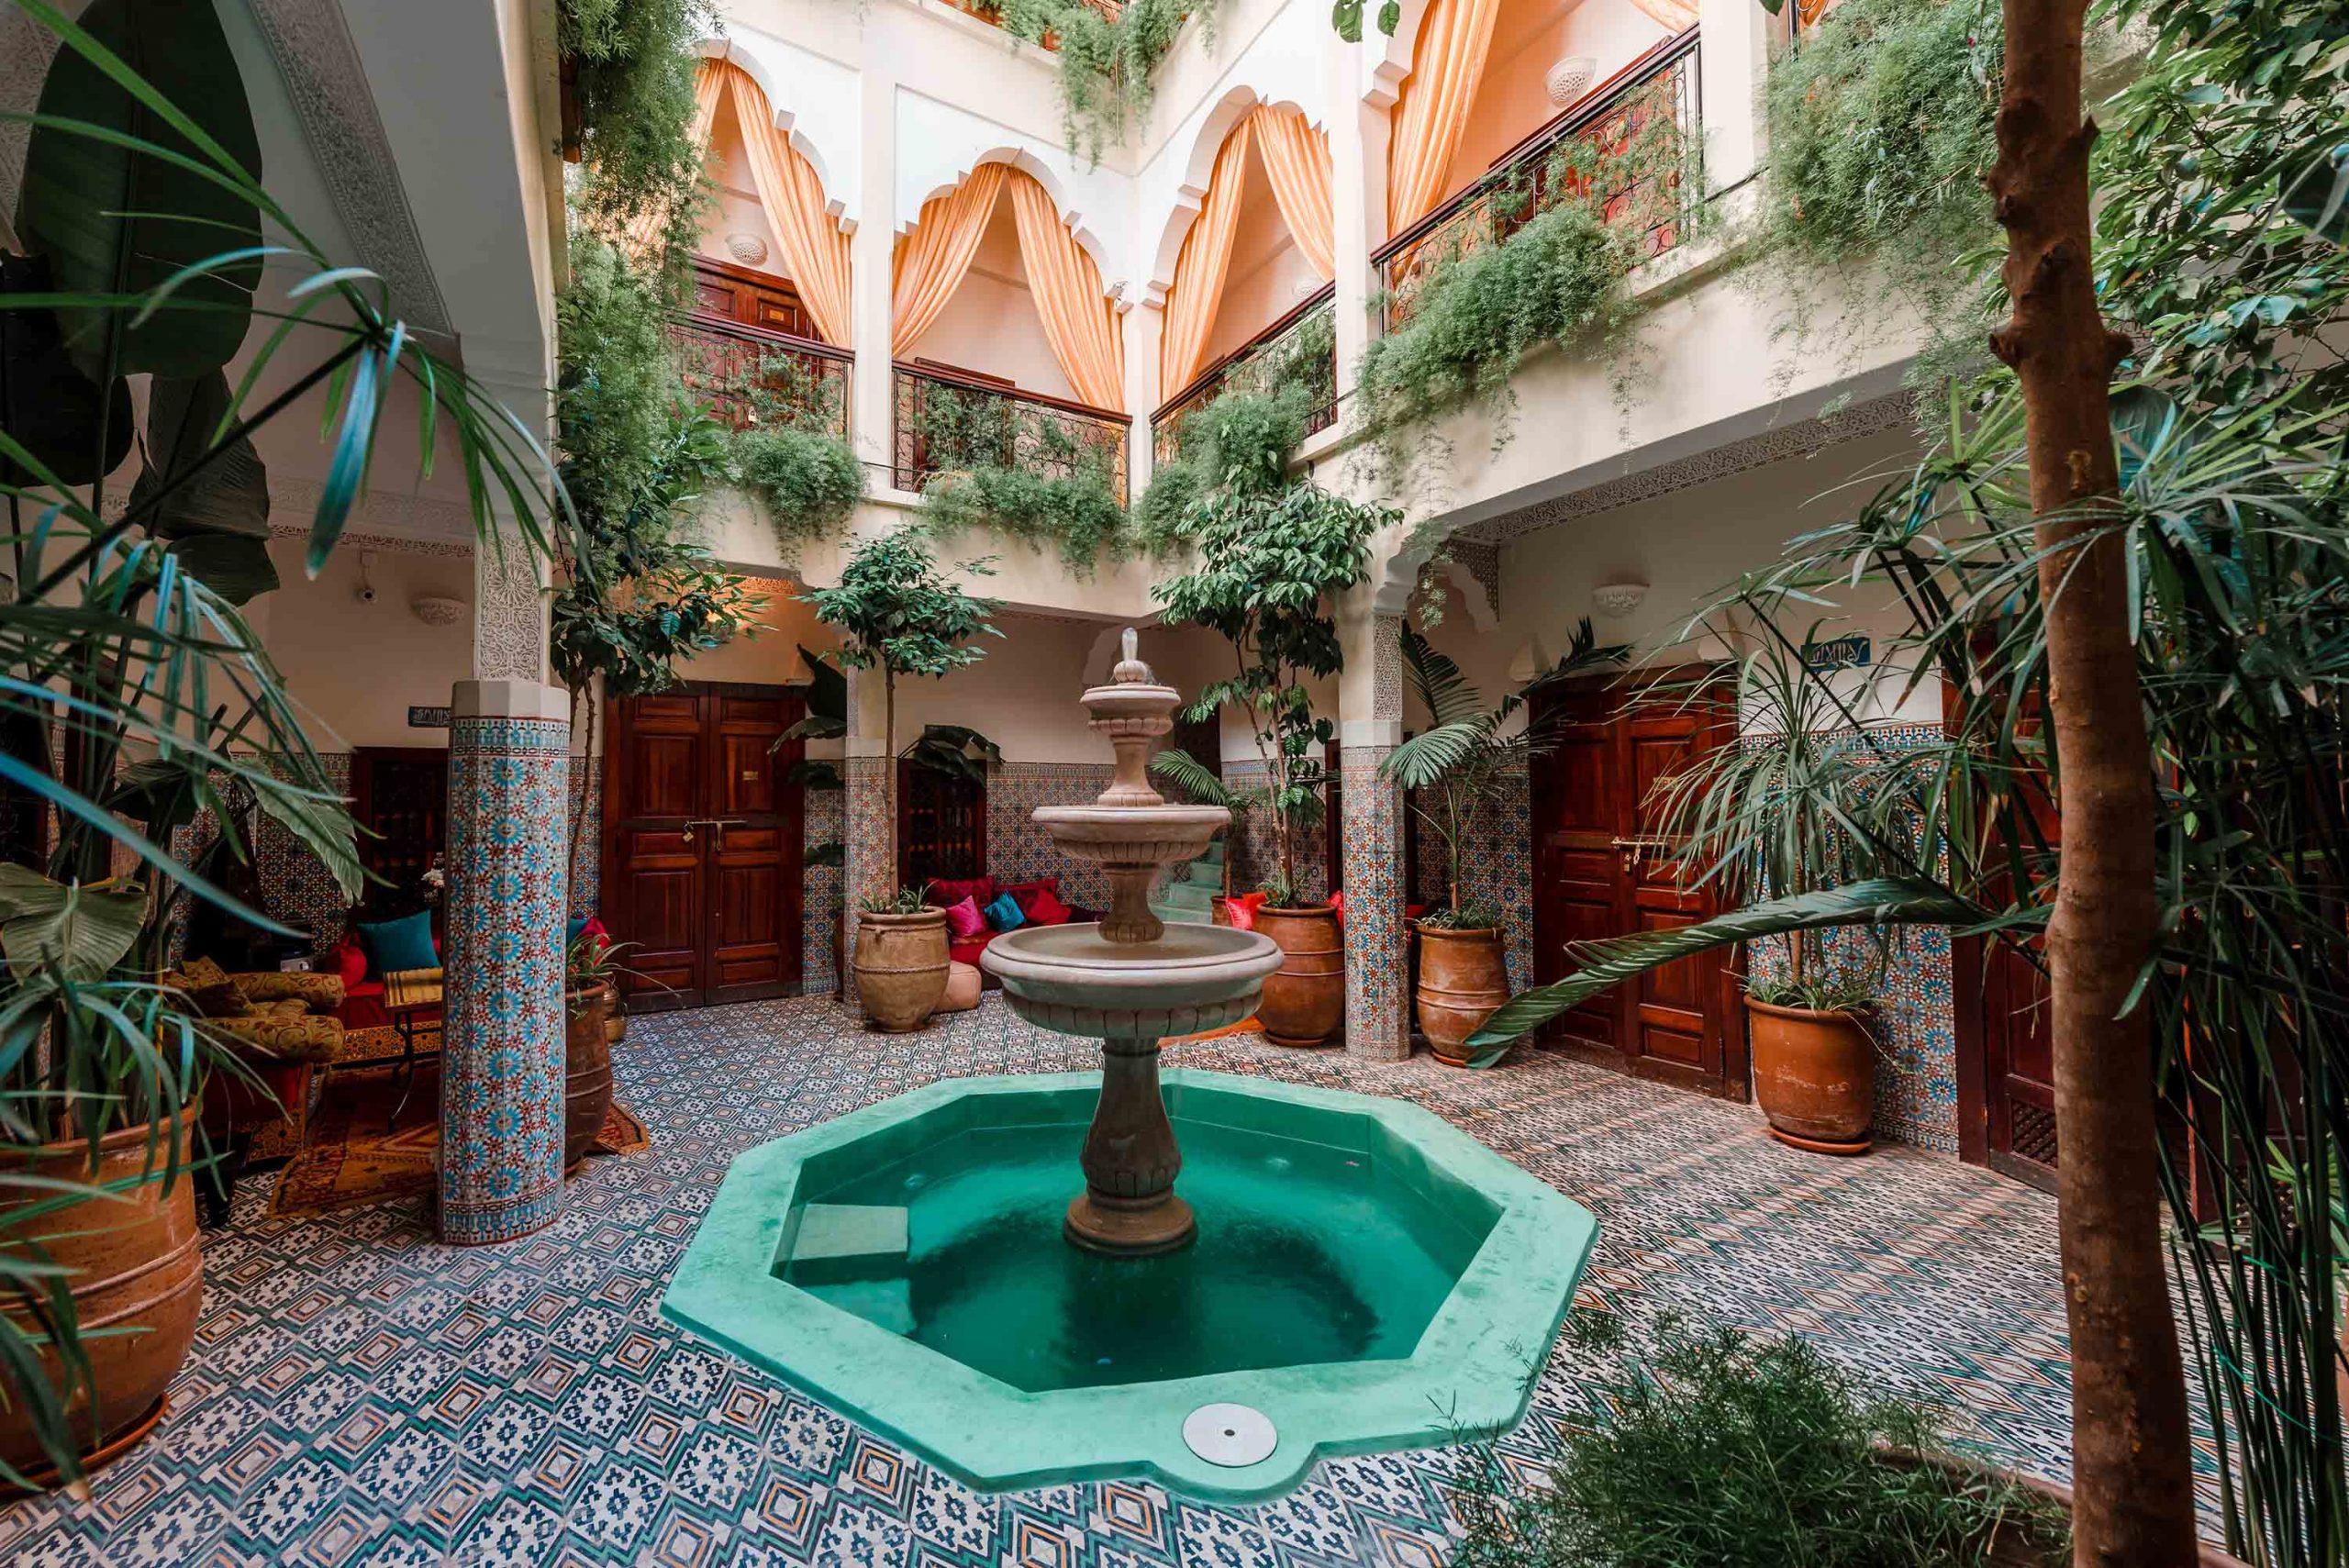 Riad Abelia - Site Officiel : Une Maison Traditionnelle À ... encequiconcerne Riad Marrakech Avec Piscine